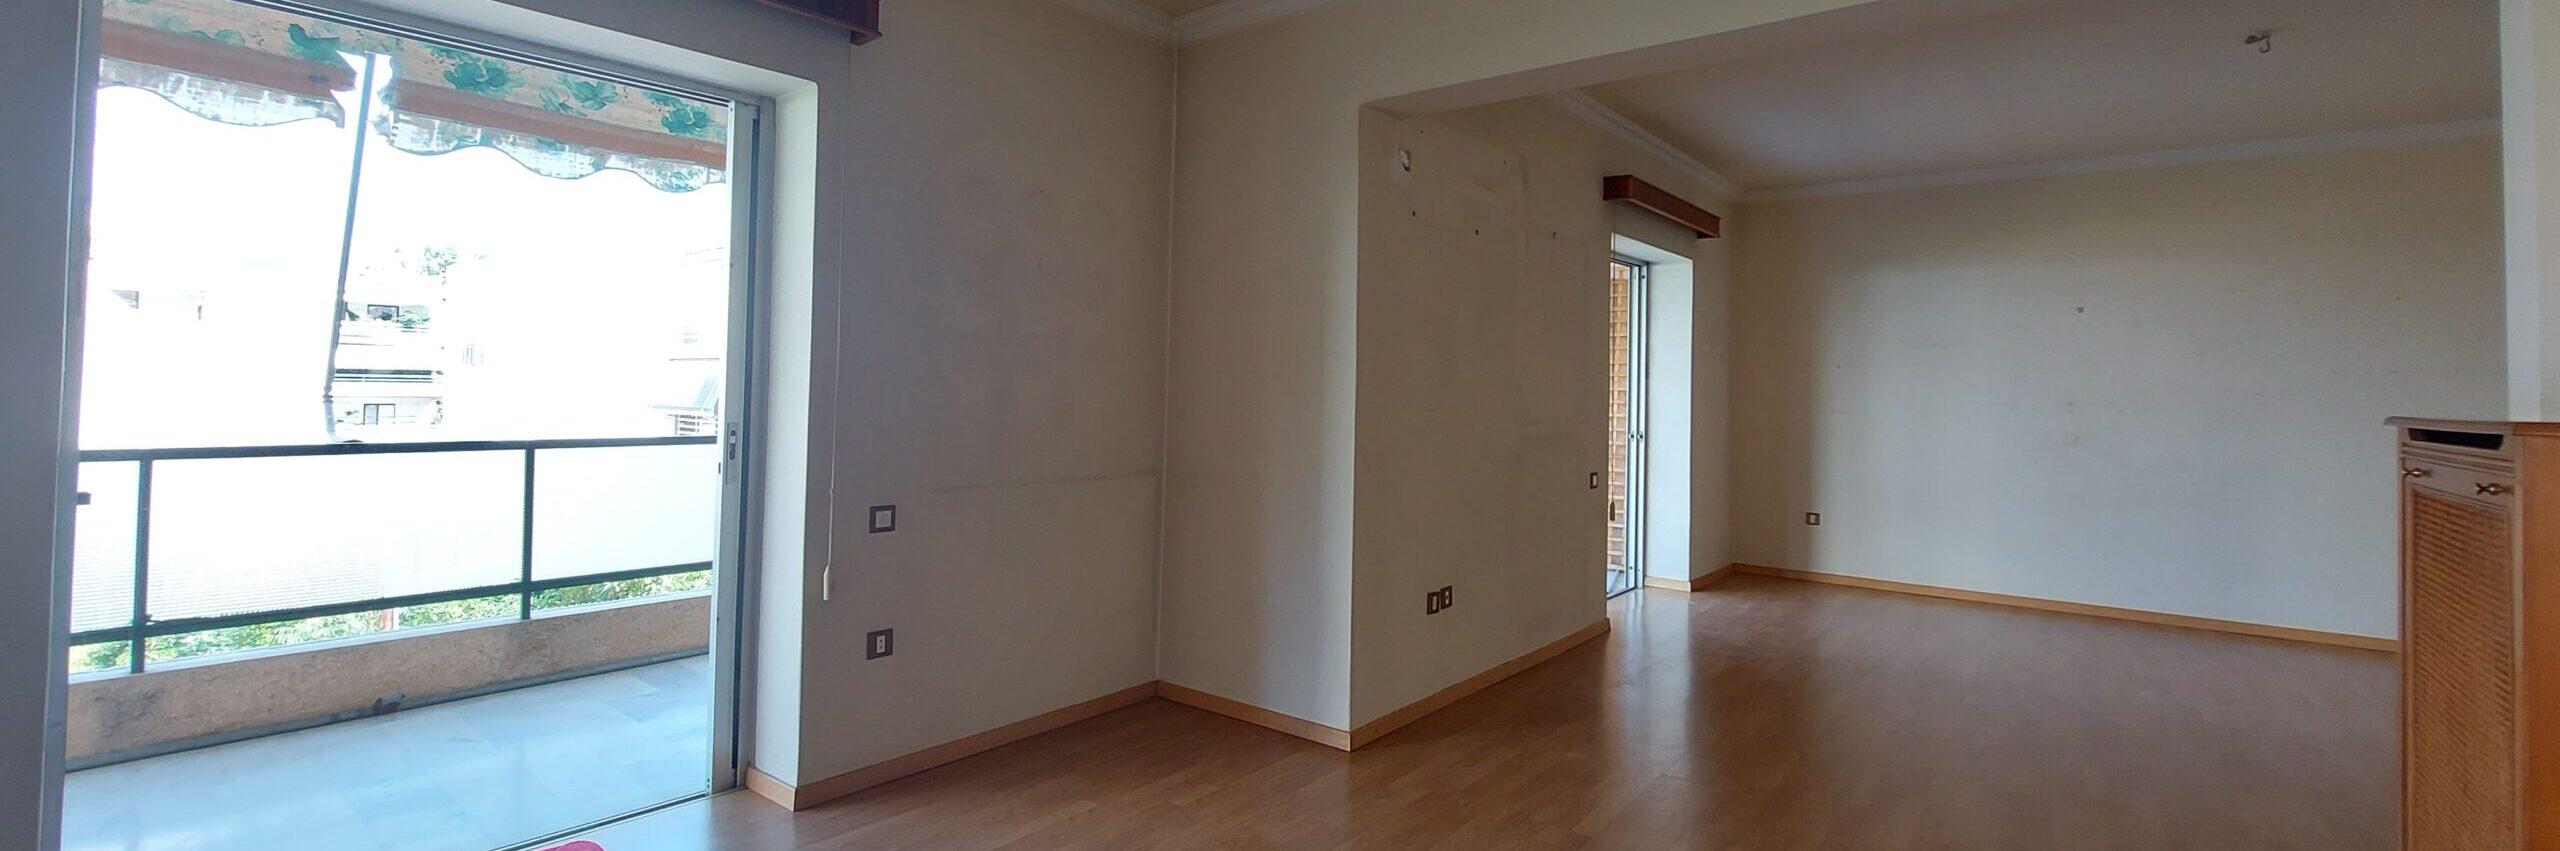 Πωλείται στην Αγία Παρασκευή, διαμέρισμα 2ου ορόφου, 103 μ²